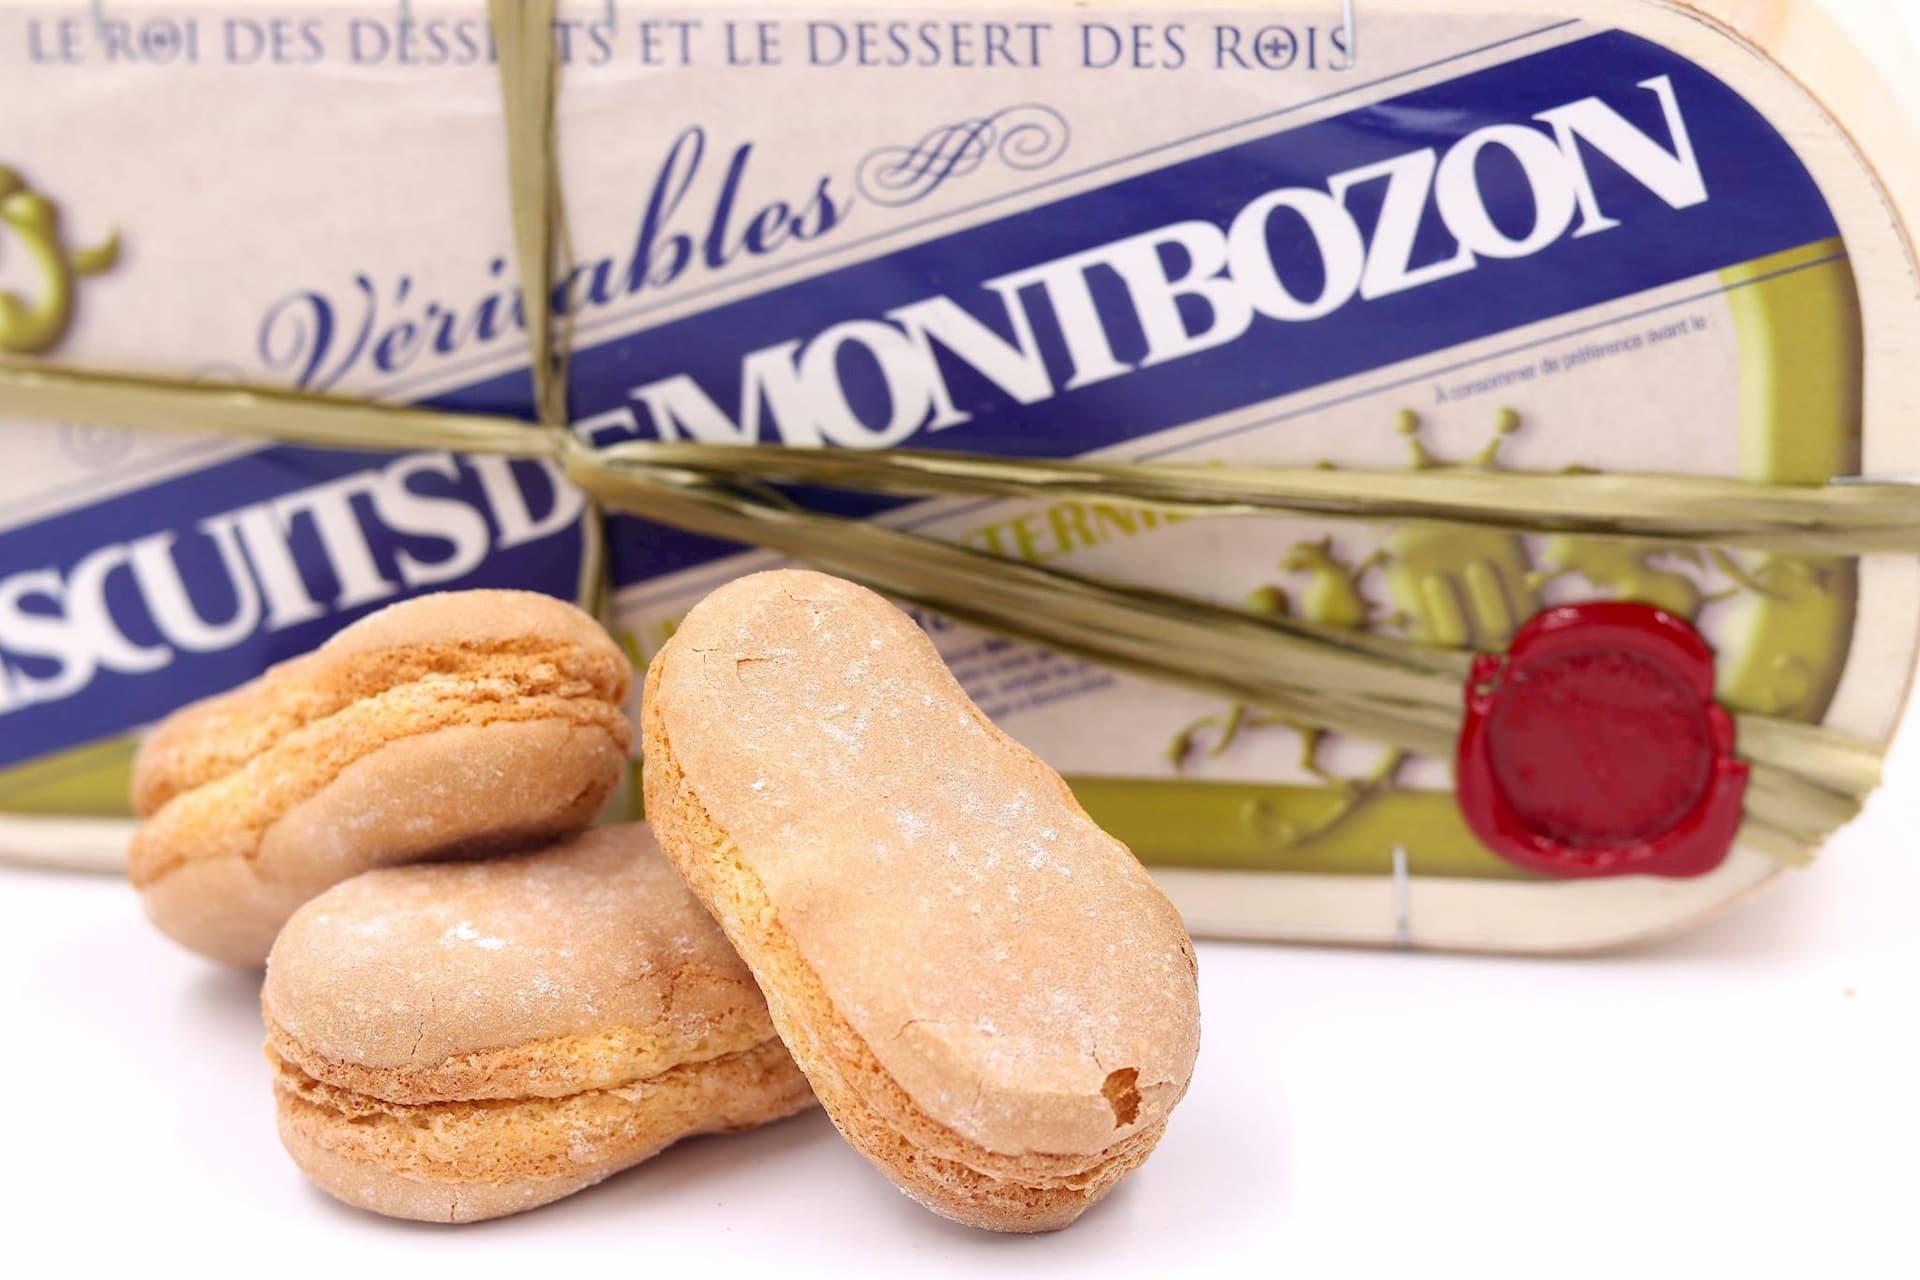 Les Biscuits de Montbozon